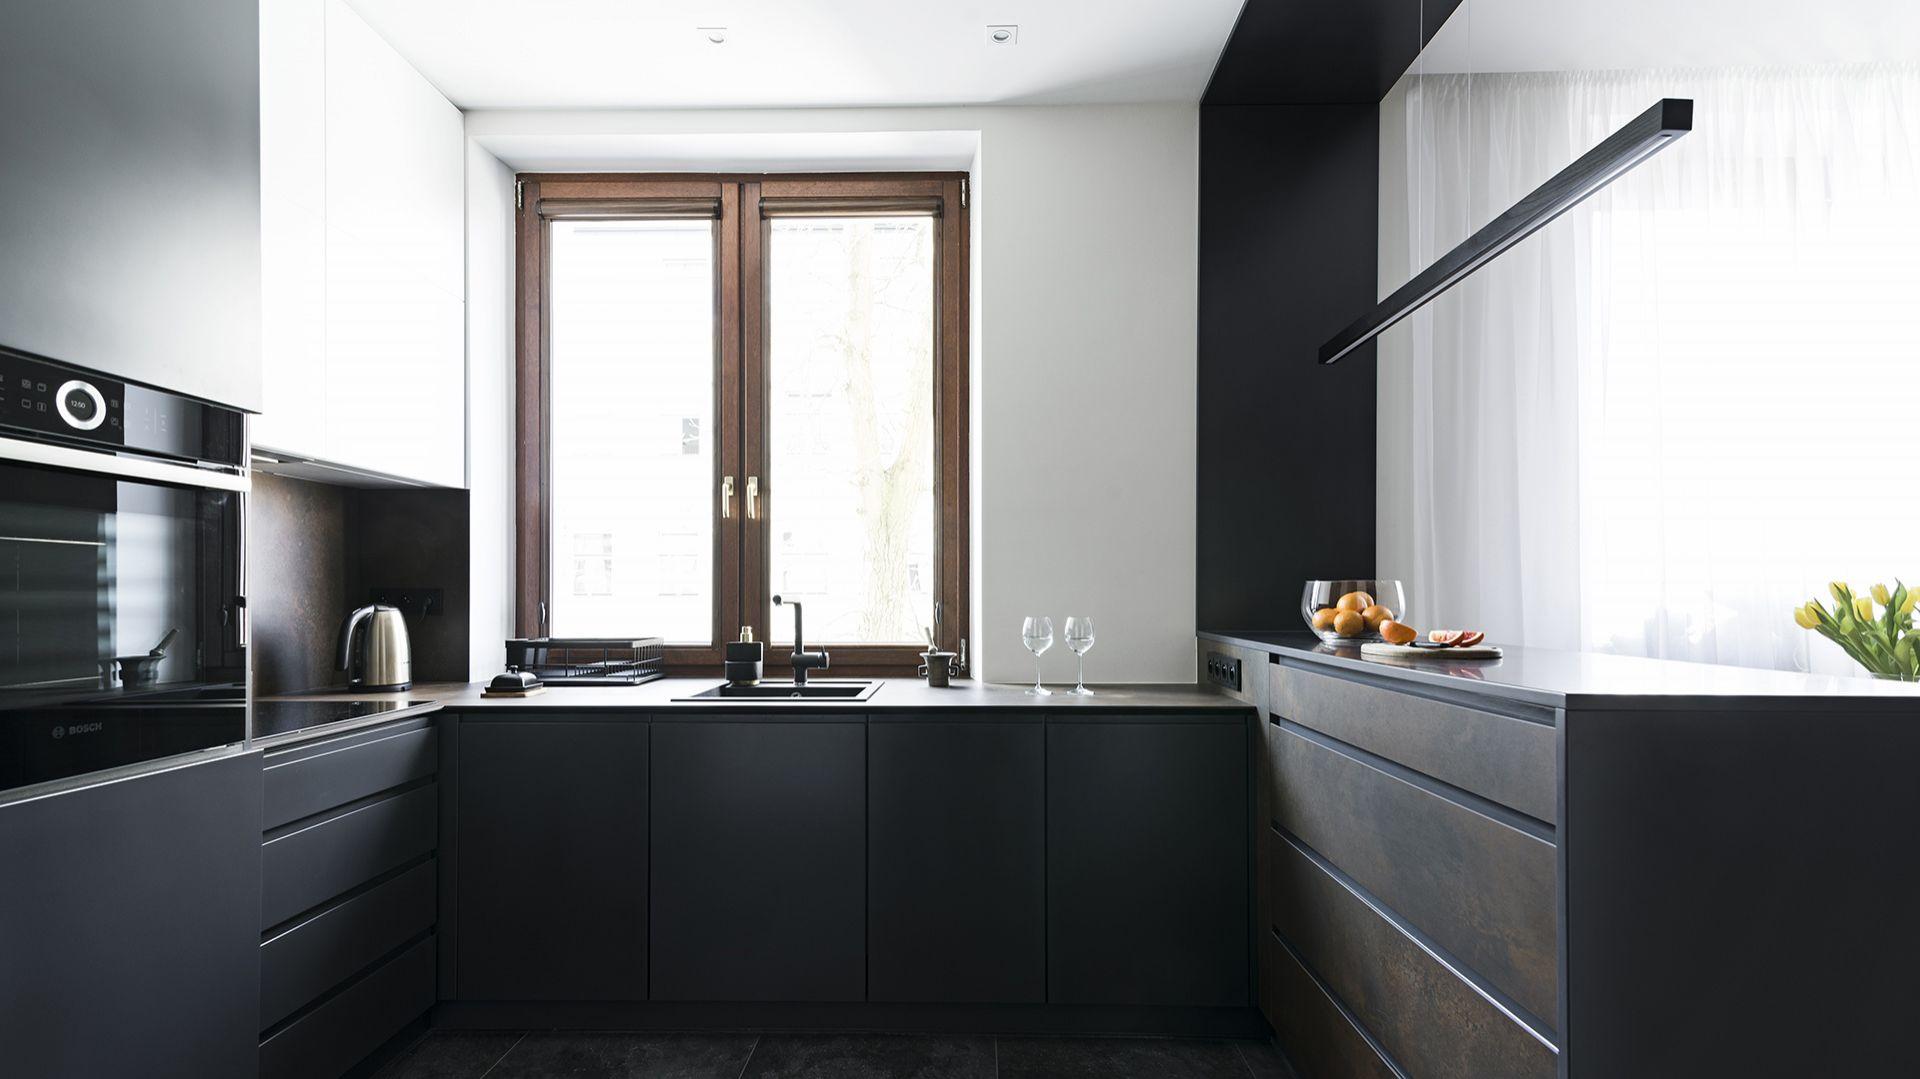 Kuchnia – połączenie grafitowych lakierowanych frontów z rudo-brunatnym spiekiem kwarcowym – dopełnione oświetleniem stanowi niepowtarzalną całość. Projekt: MMA Pracownia Architektury. Fot. Rafał Chojnacki